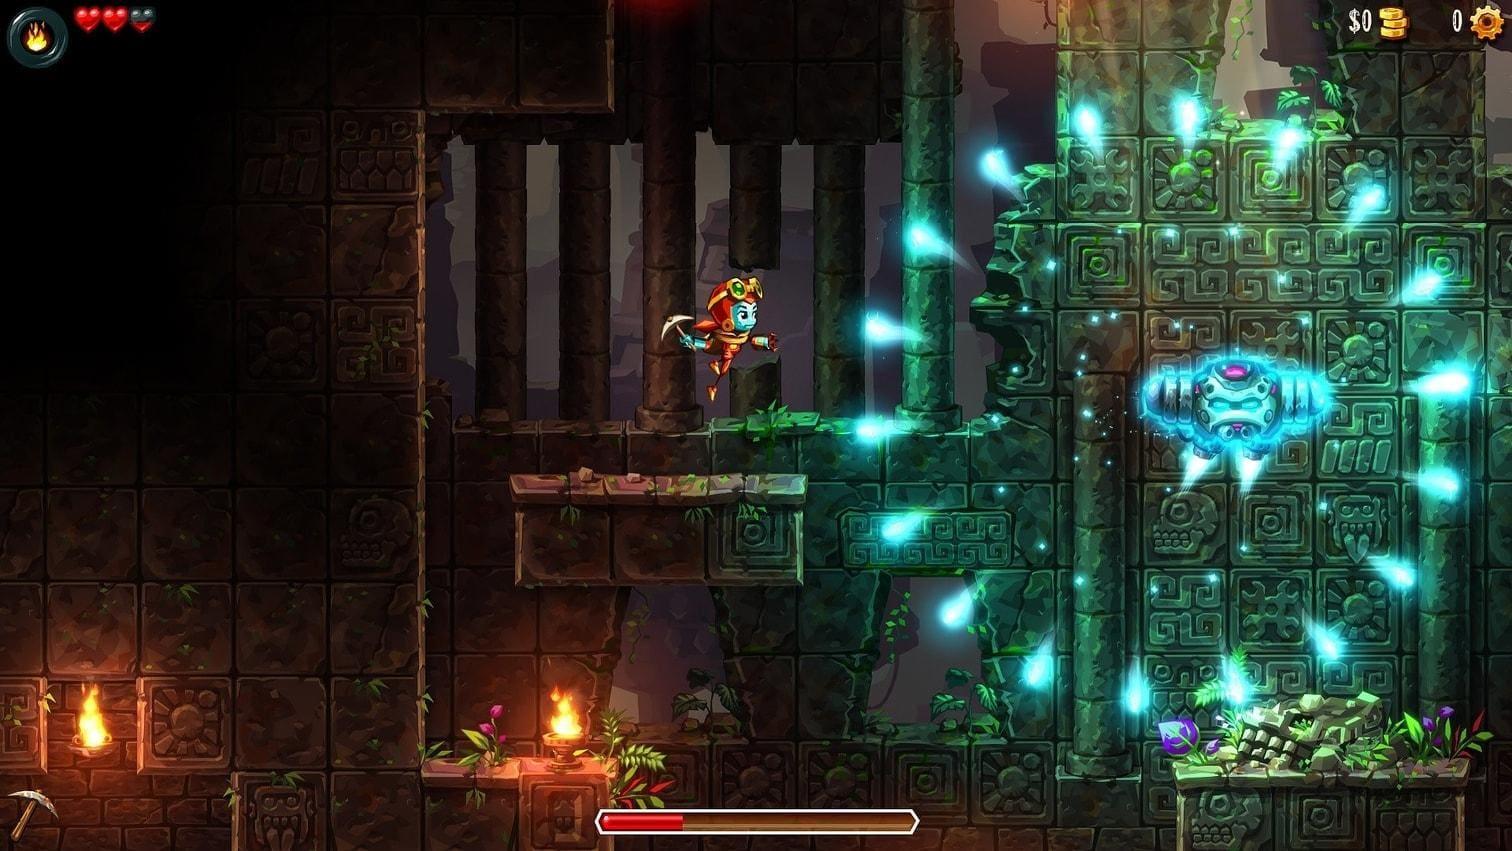 RPG<br />Entwickler: Defiant Development<br />Publisher: Defiant Development<br />Veröffentlichung: 7. Nov. 2017</p> Foto: Screenshot